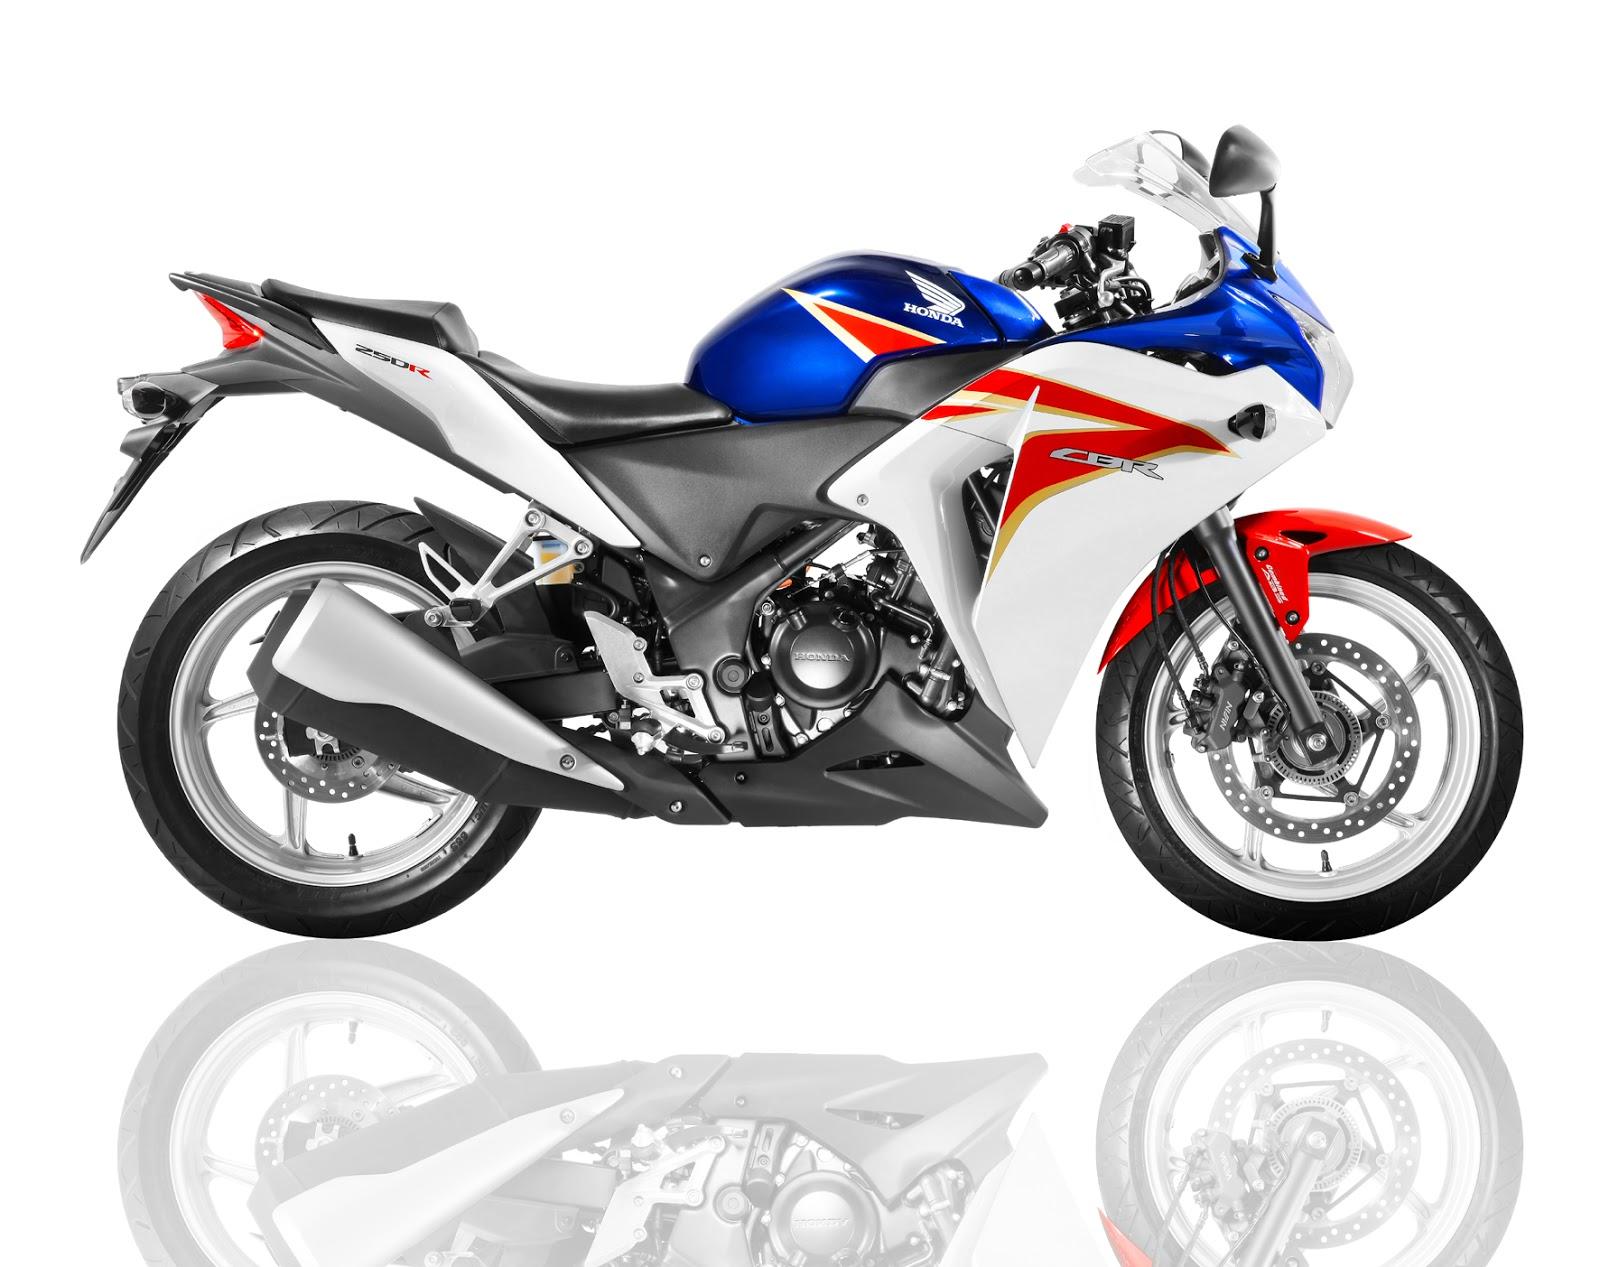 Honda CBR 250R 2012. Foto: Honda